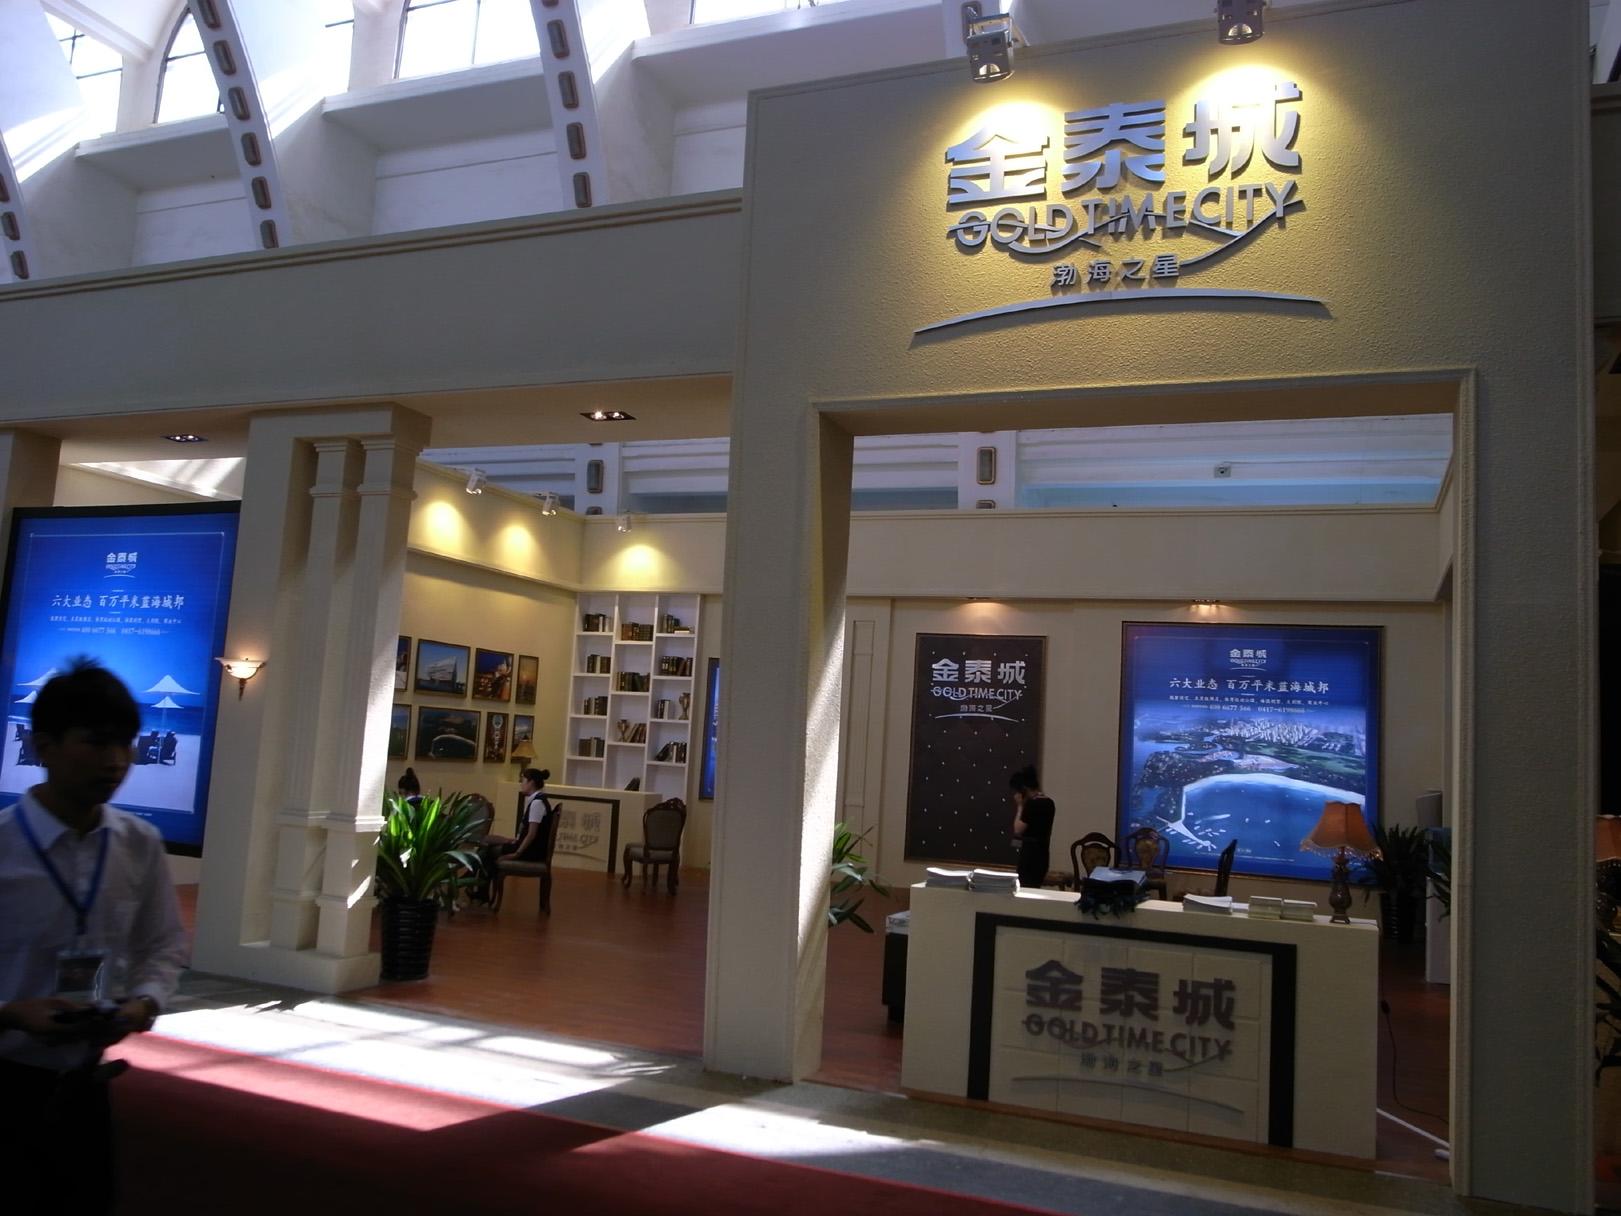 2011中国沈阳国际顶级私人用品(奢侈品)展览会